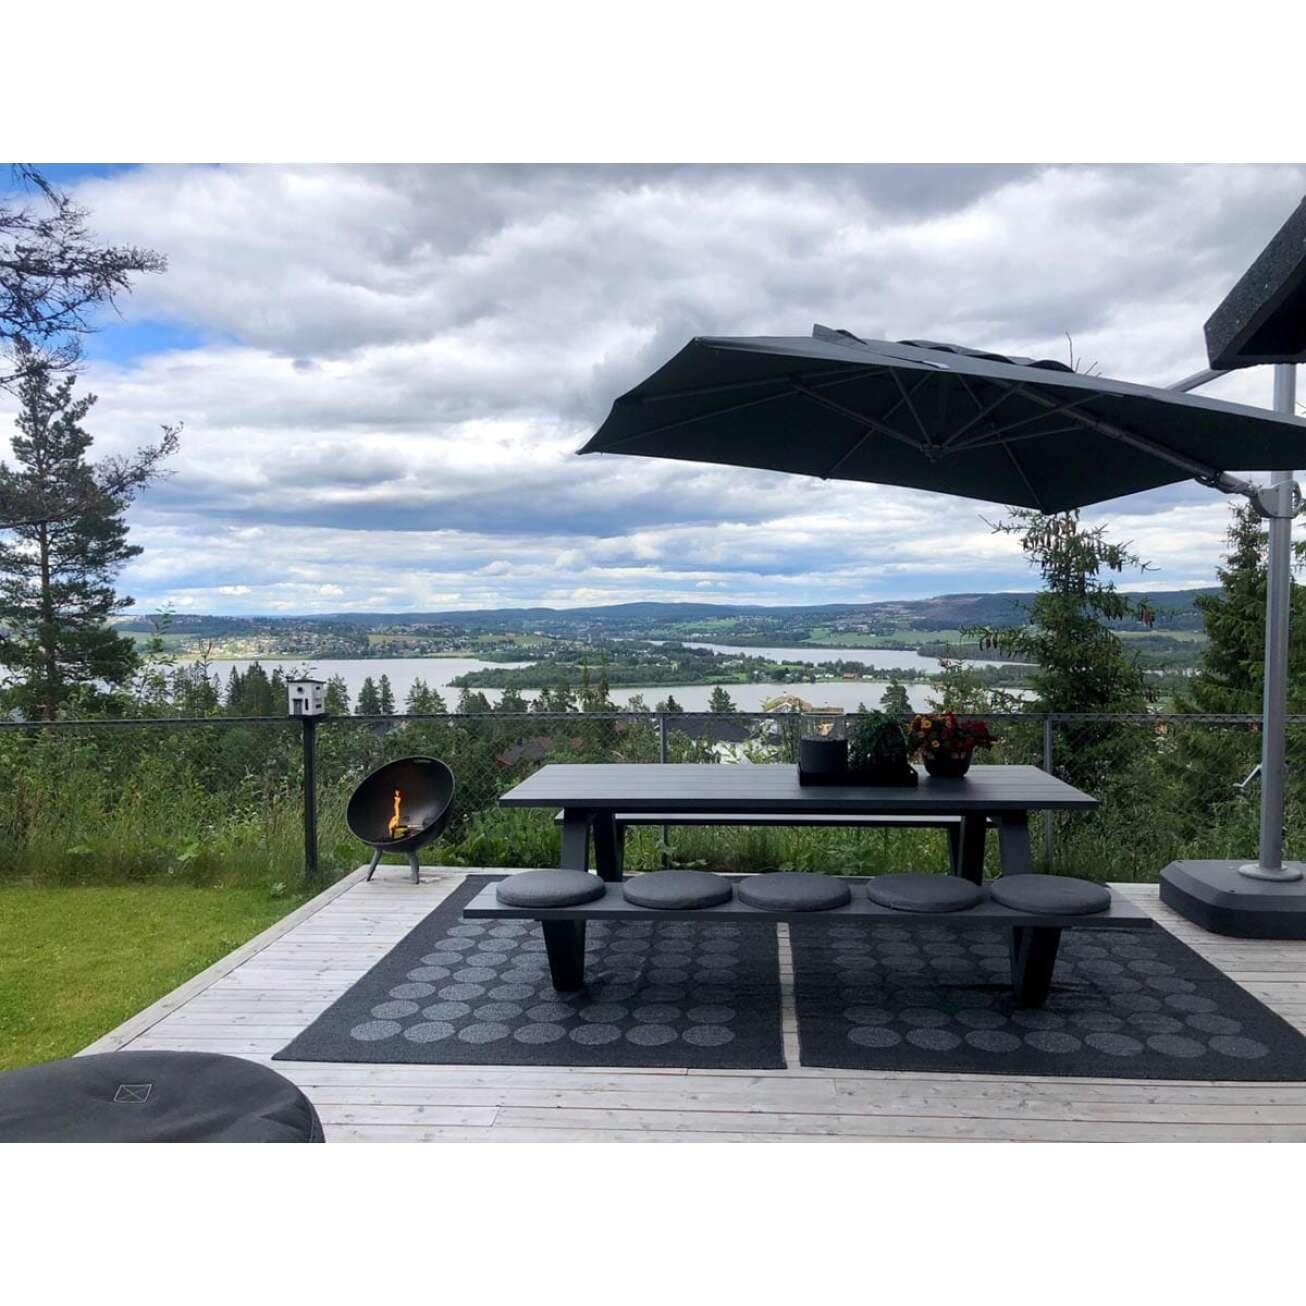 Nyhet-2021-også-i-hvit-piknikbenk Hagemøbler og utemøbler - Fine design